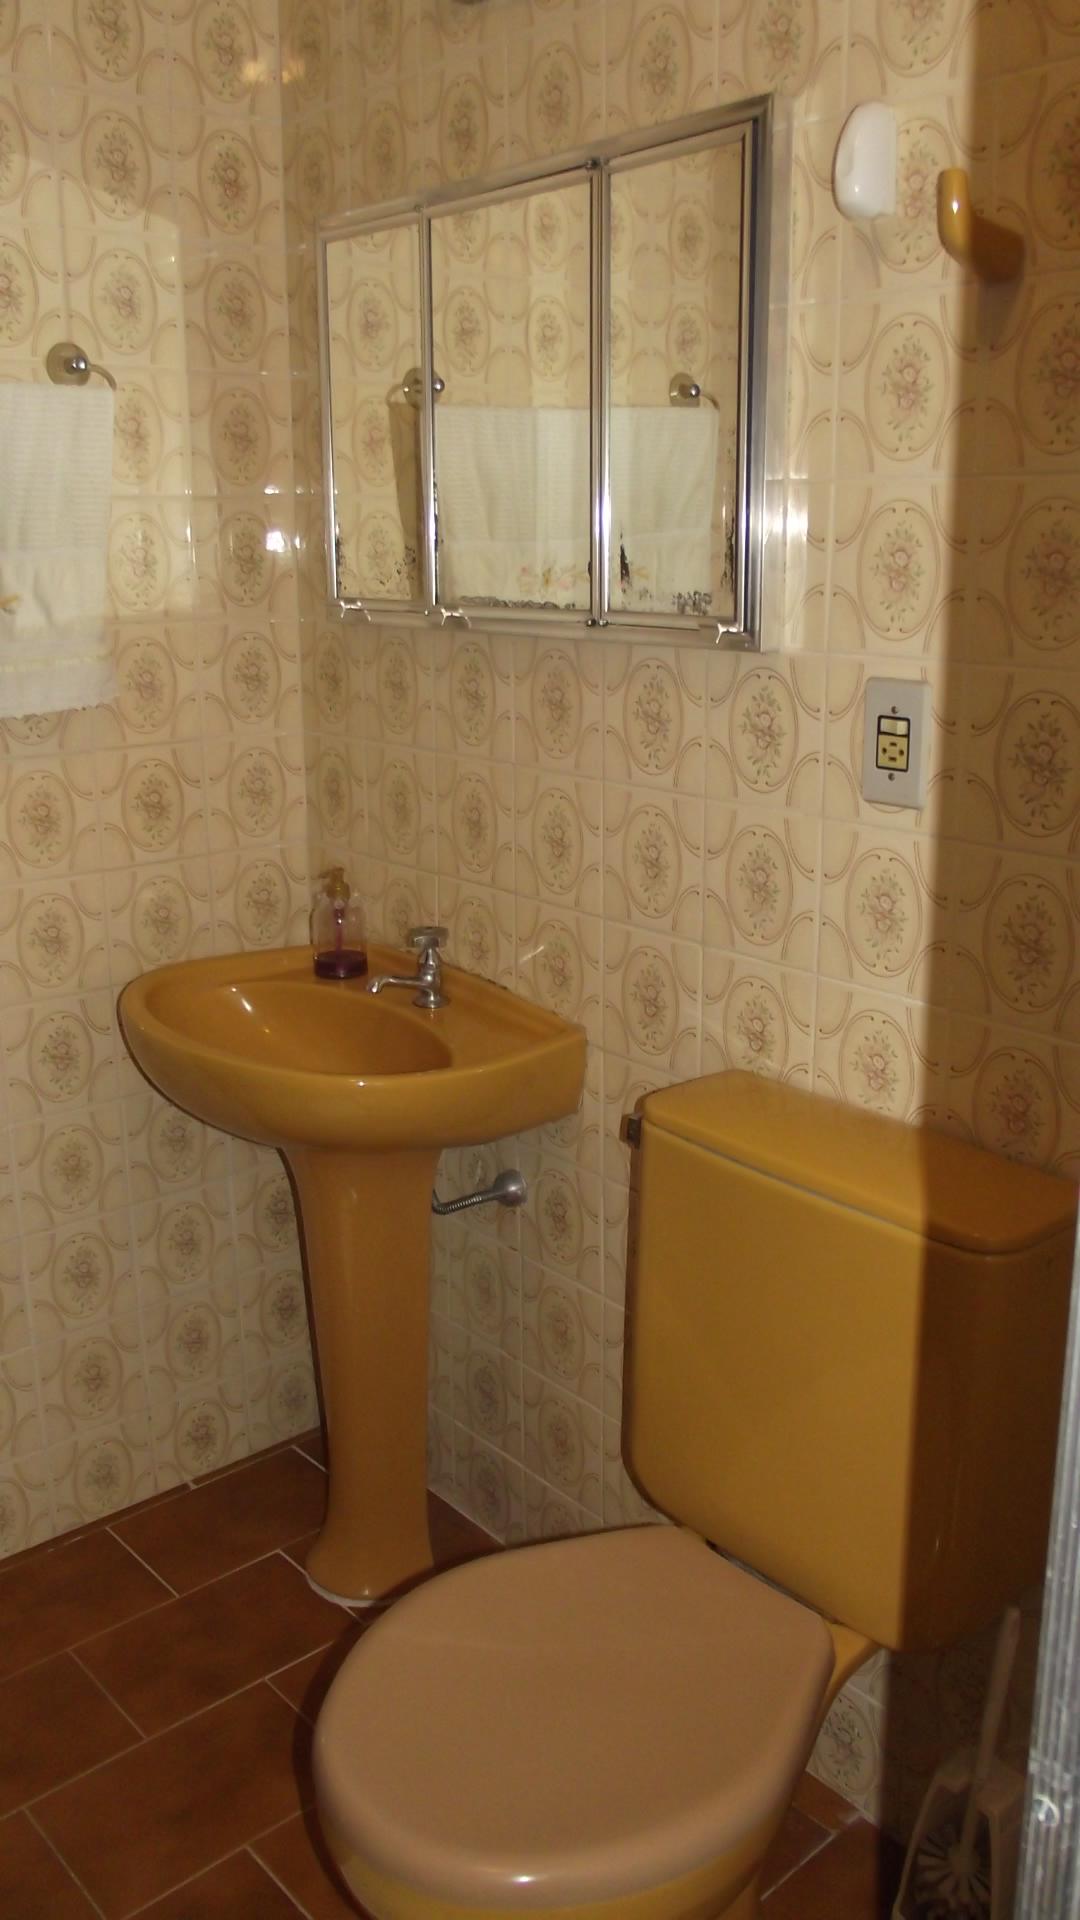 Banheiros – medidas importantes  se fosse na minha casa -> Banheiro Com Faixa De Pastilha Atras Do Vaso